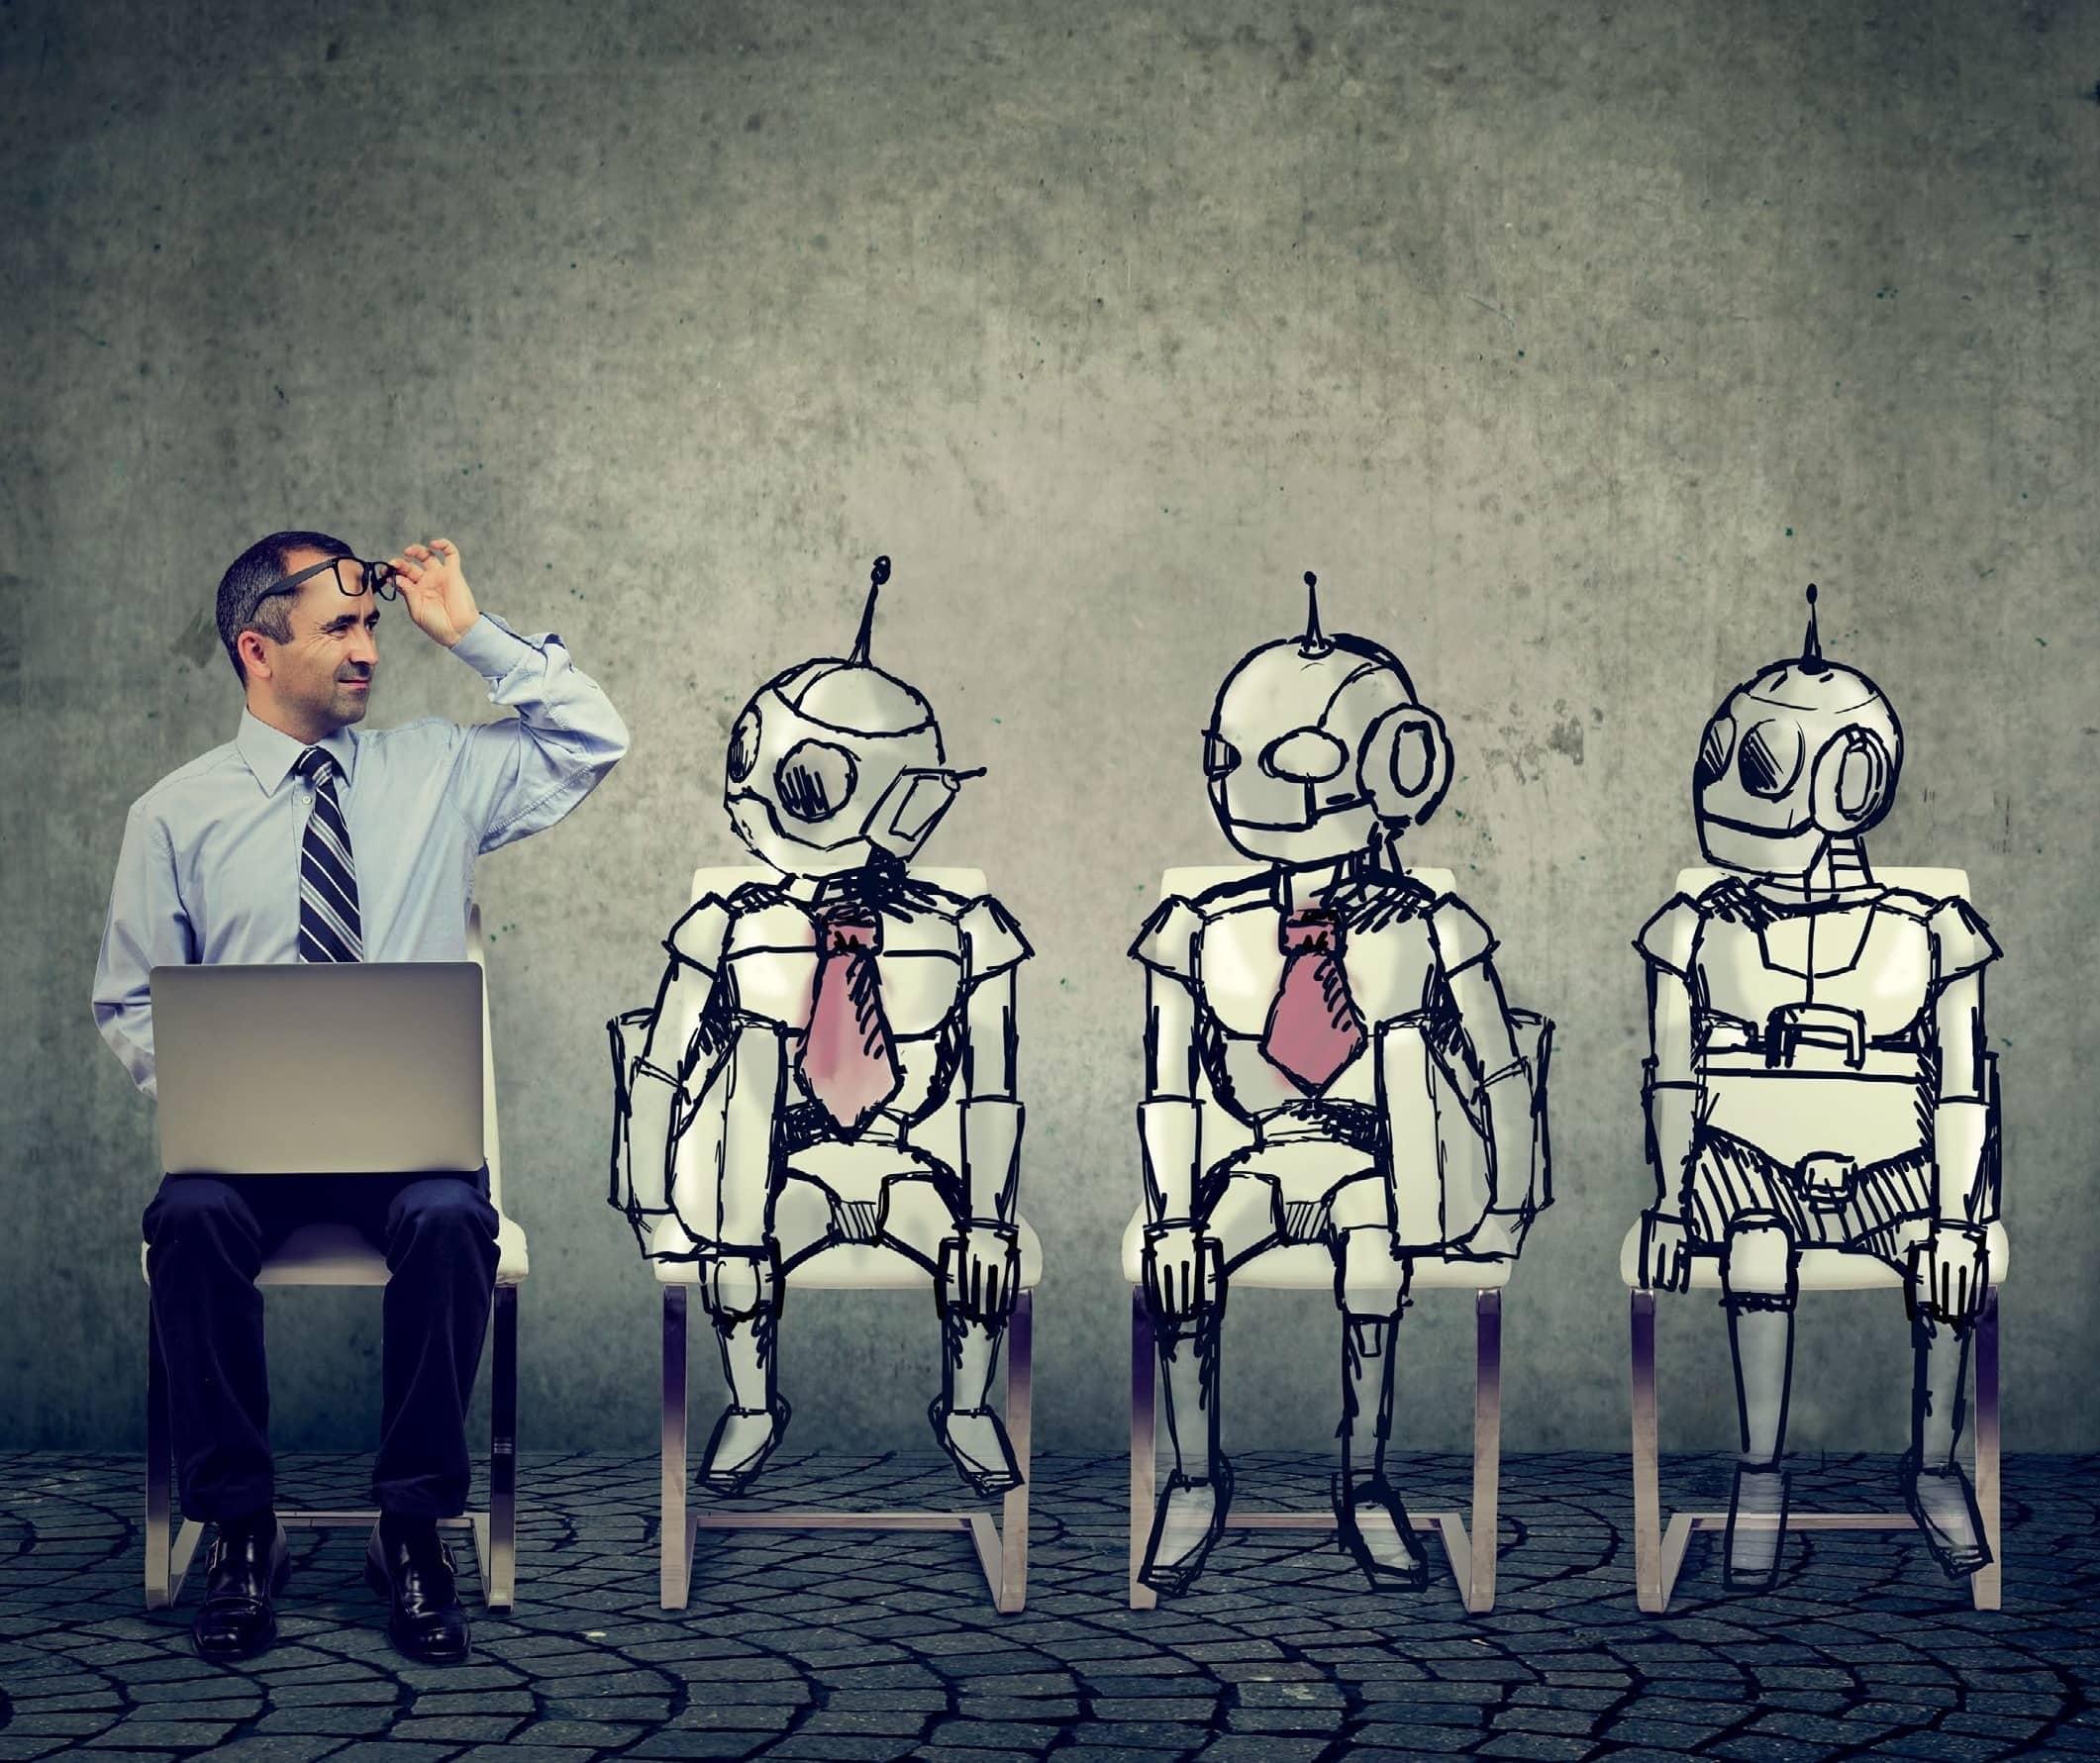 Es el 2050 y un robot se robó tu trabajo